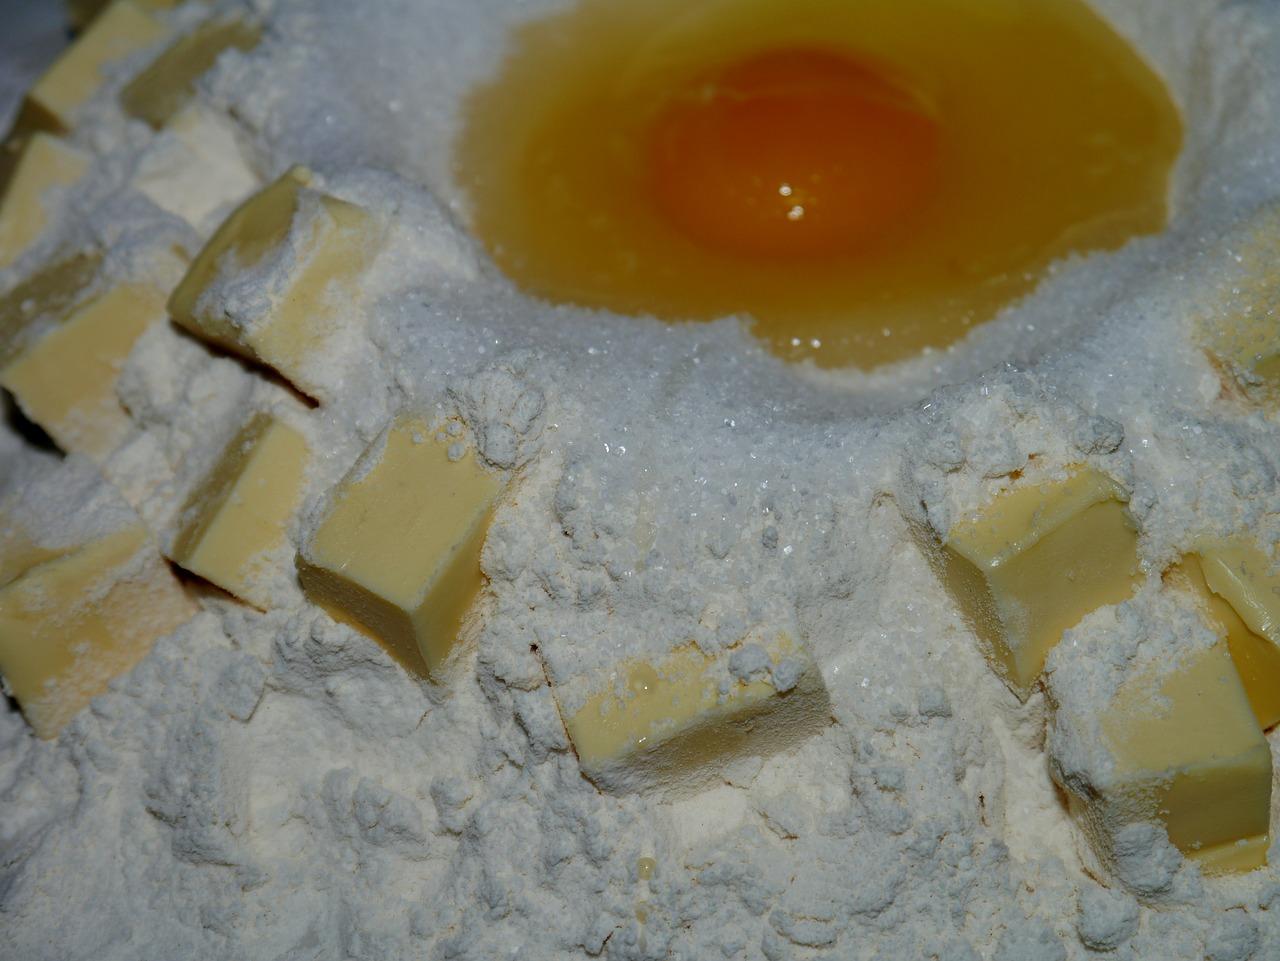 Galletas-de-mantequilla-sin-gluten-rellenas-de-mermelada-de-arándanos1